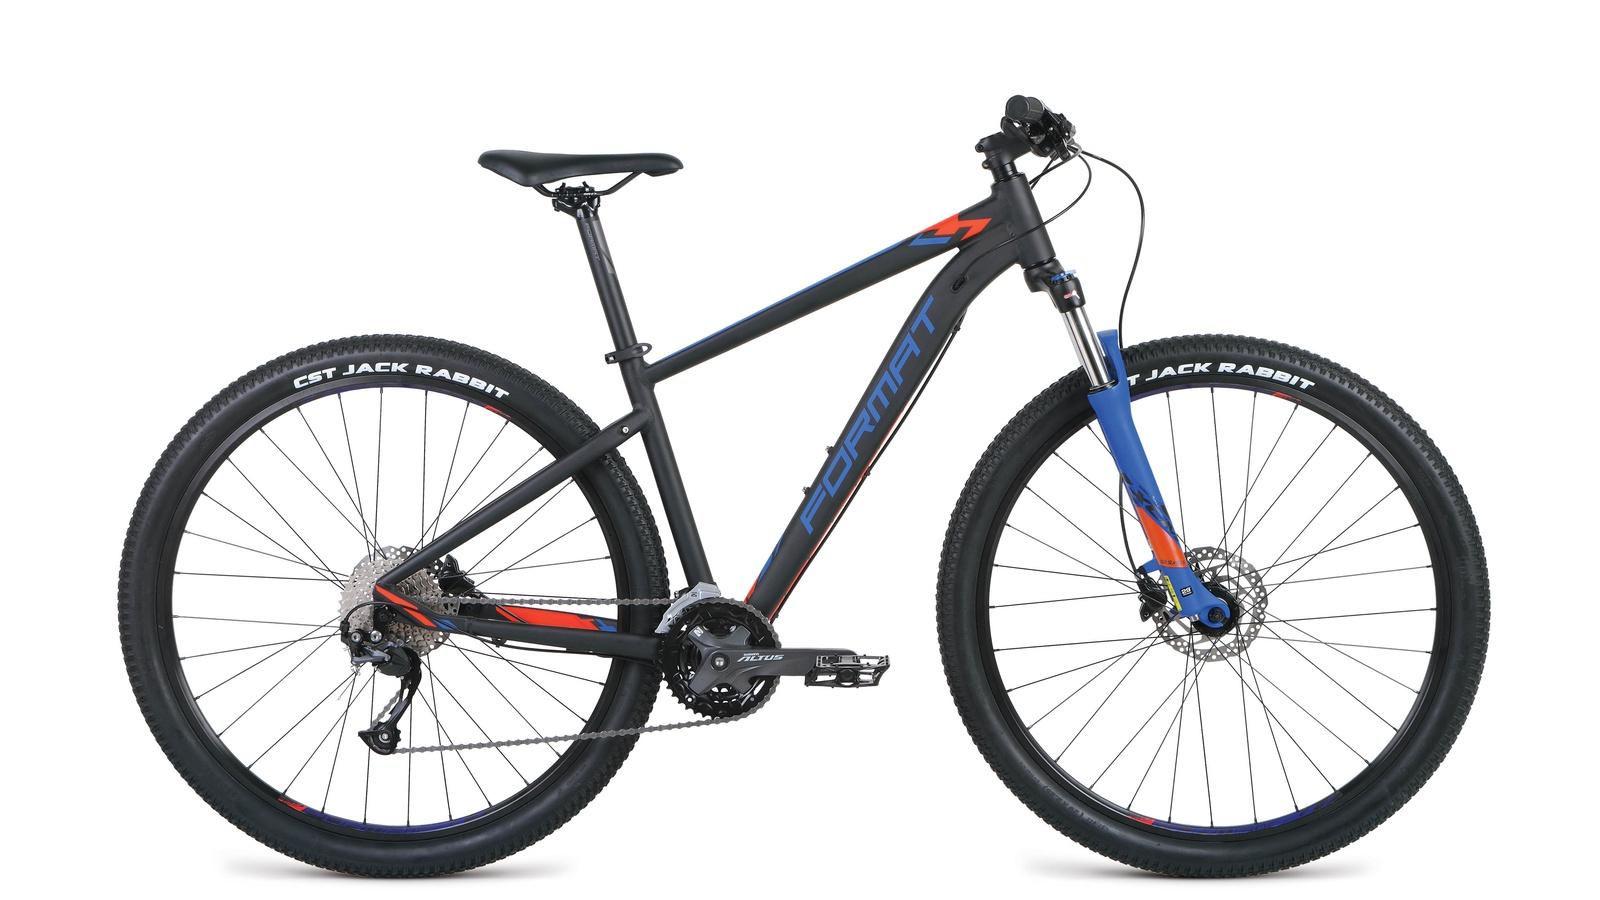 цена на Велосипед Format 1412 29, черный